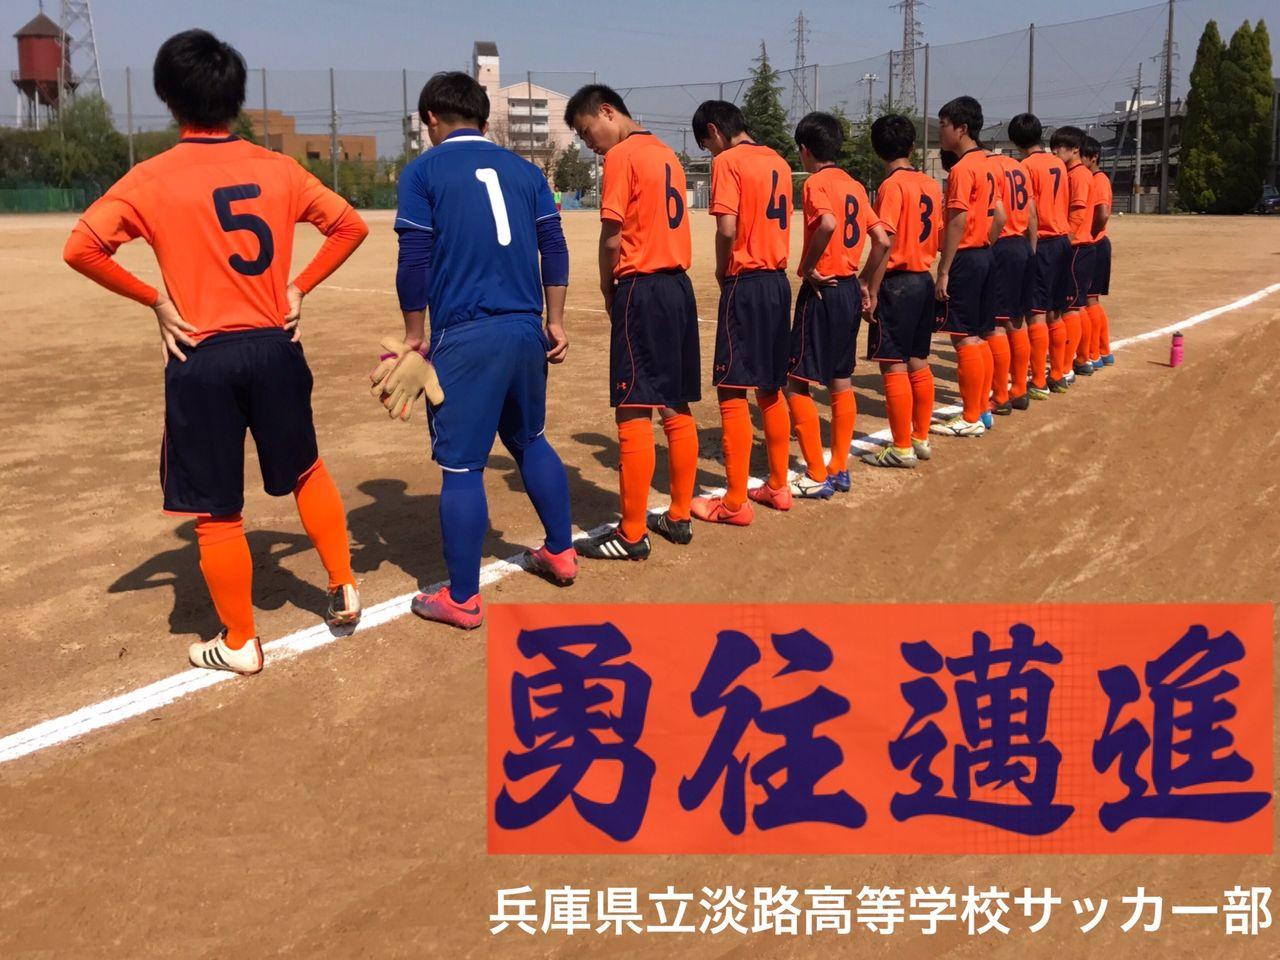 ホームページ 淡路 高校